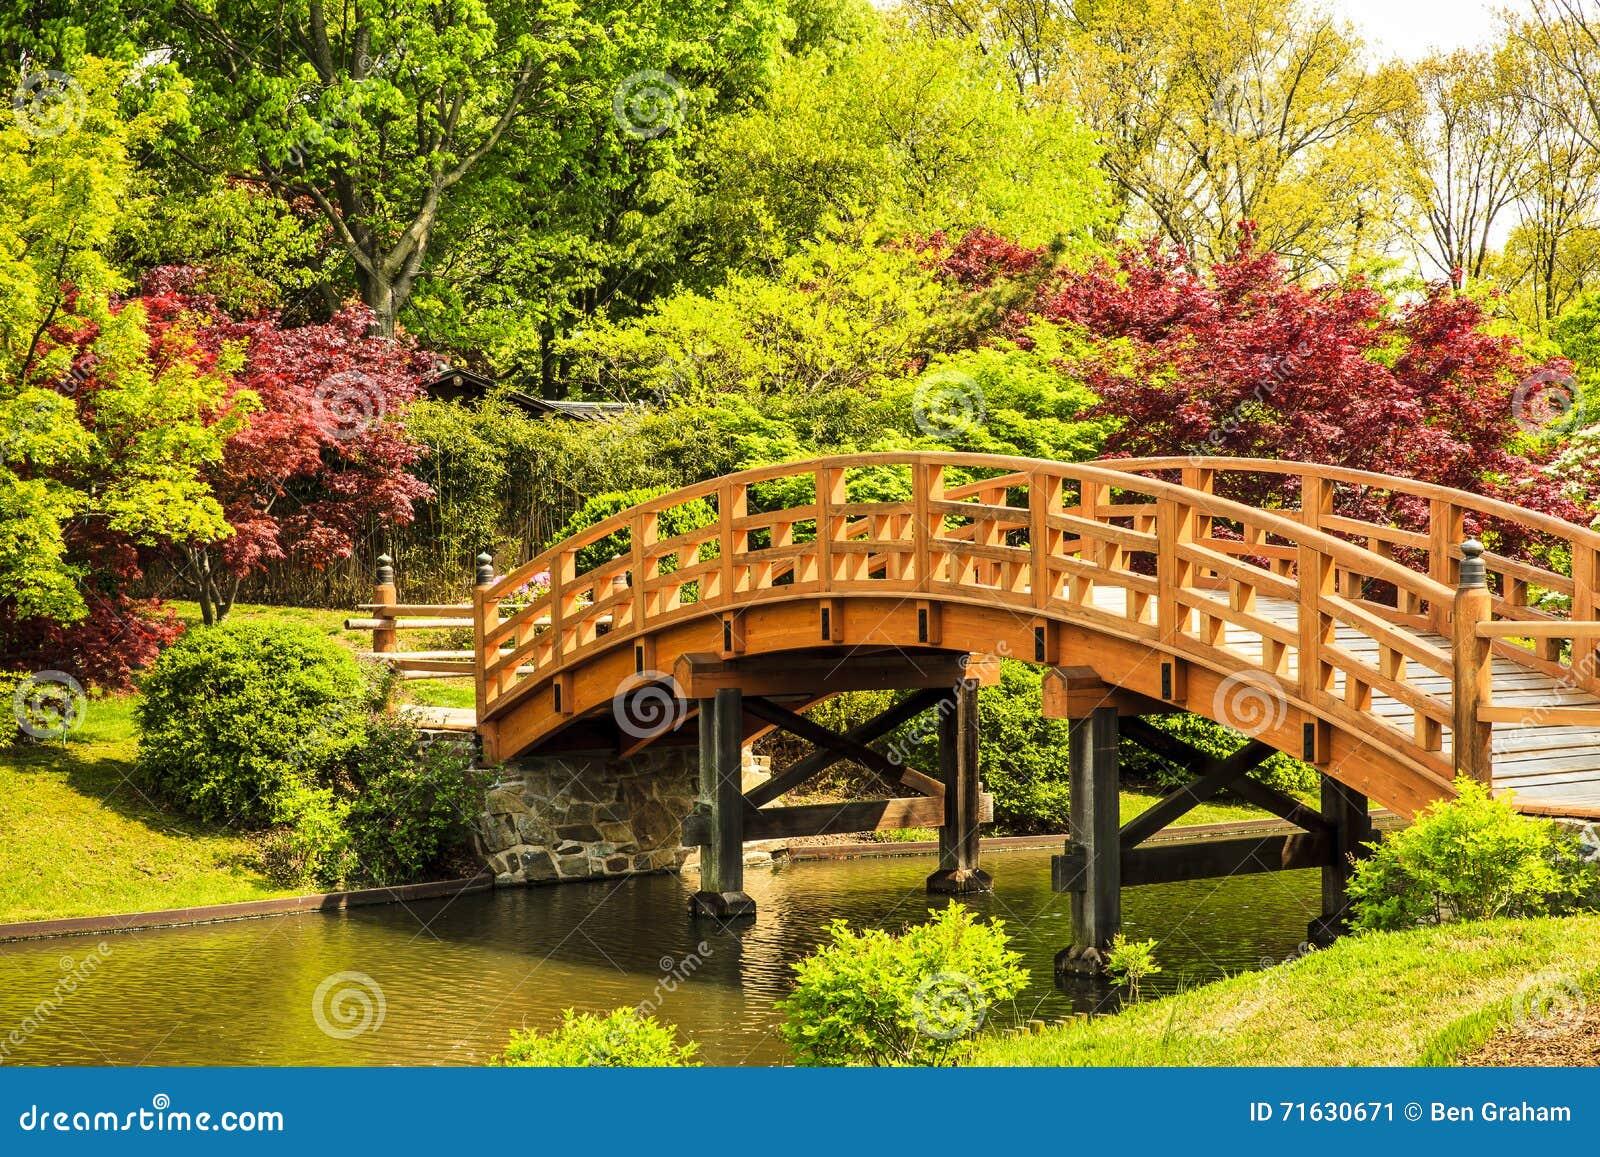 Japanese Garden Footbridge